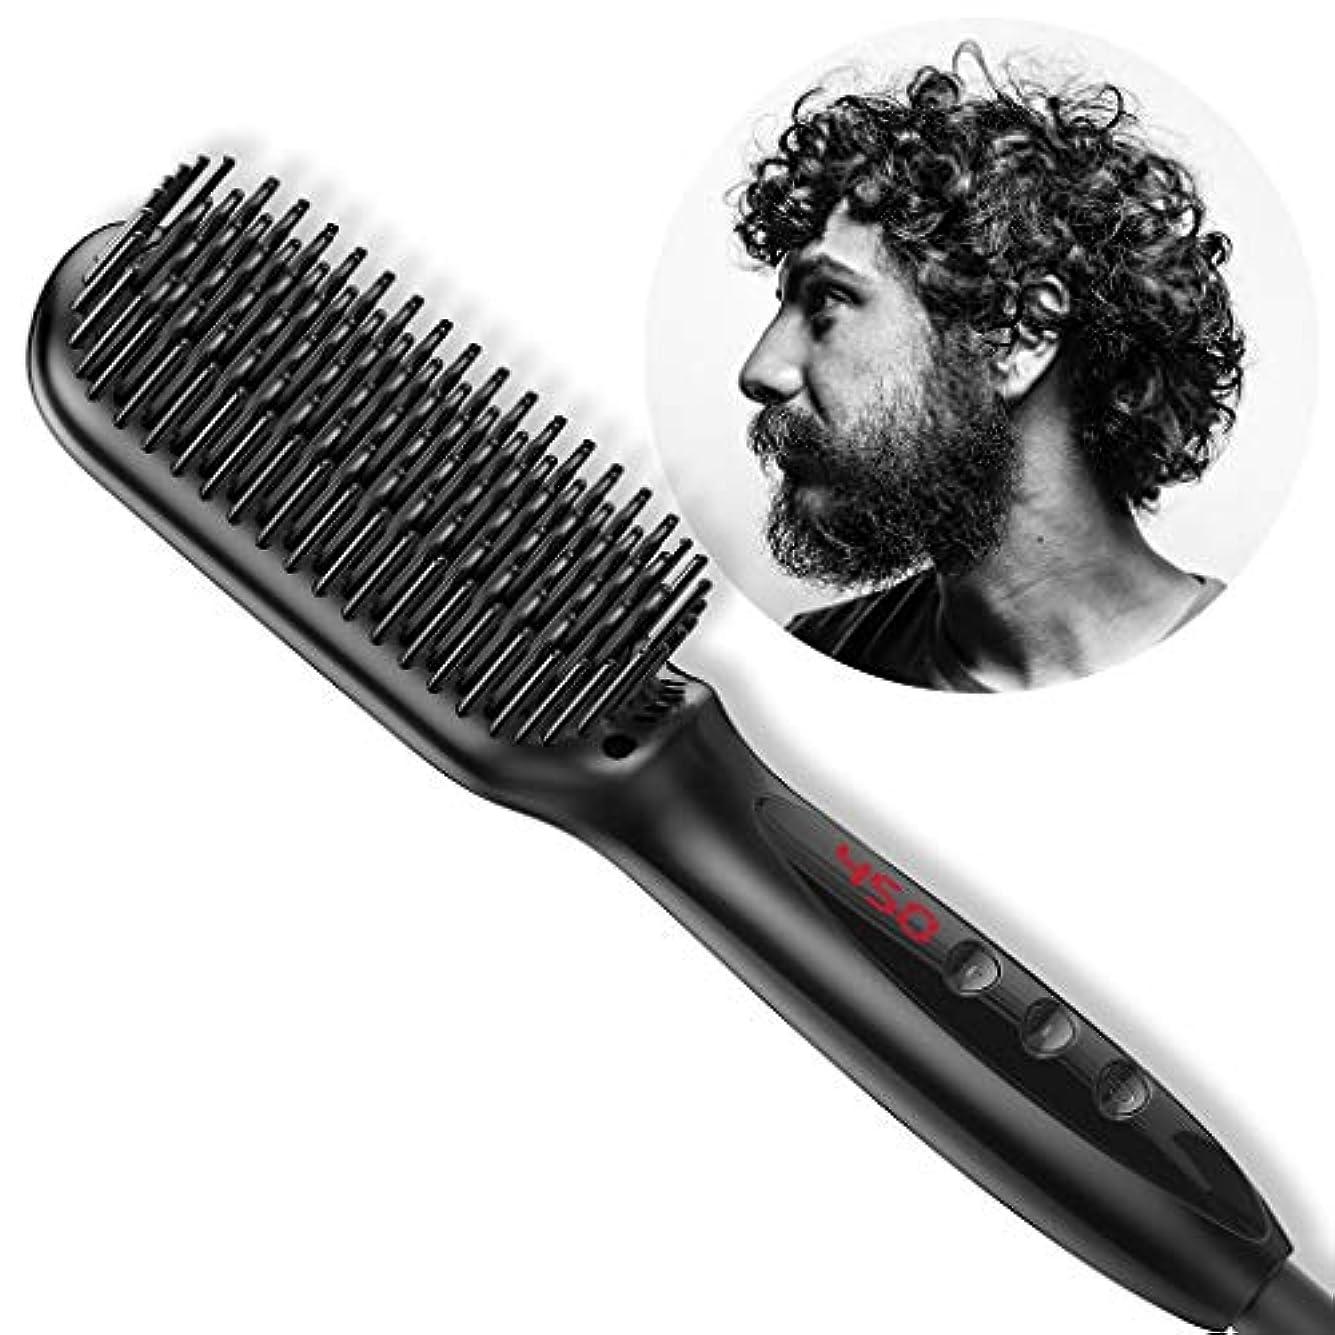 アッパーテント散文ストレイテナーくし、電気髪カーリングカーラーブラシウェットとドライのデュアルユースアンチ火傷セラミックイオンヘアブラシすべての髪のタイプのために